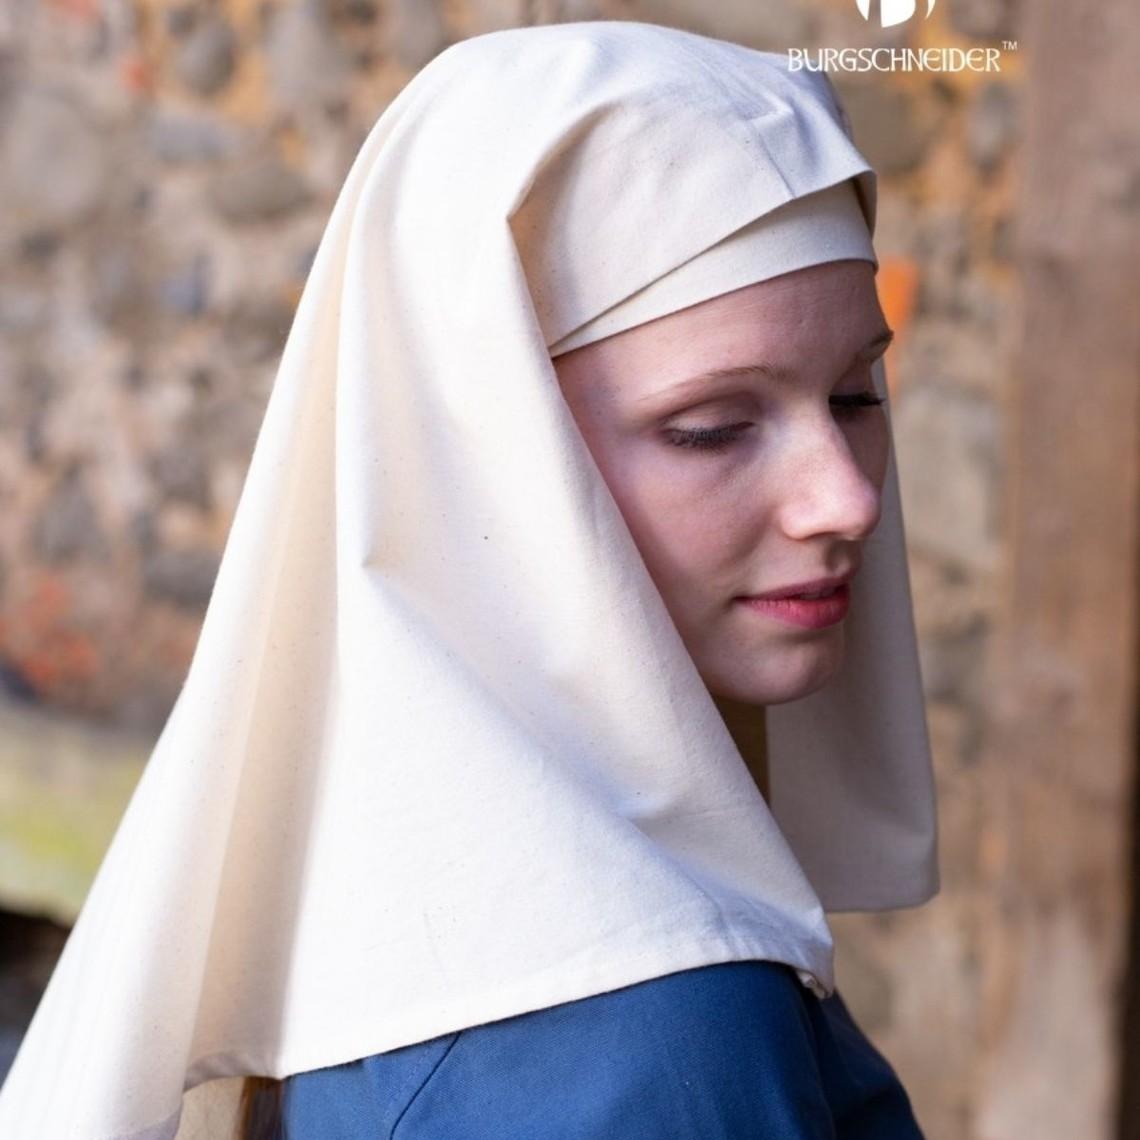 Burgschneider Mittelalterliche Damenhaube Castilla